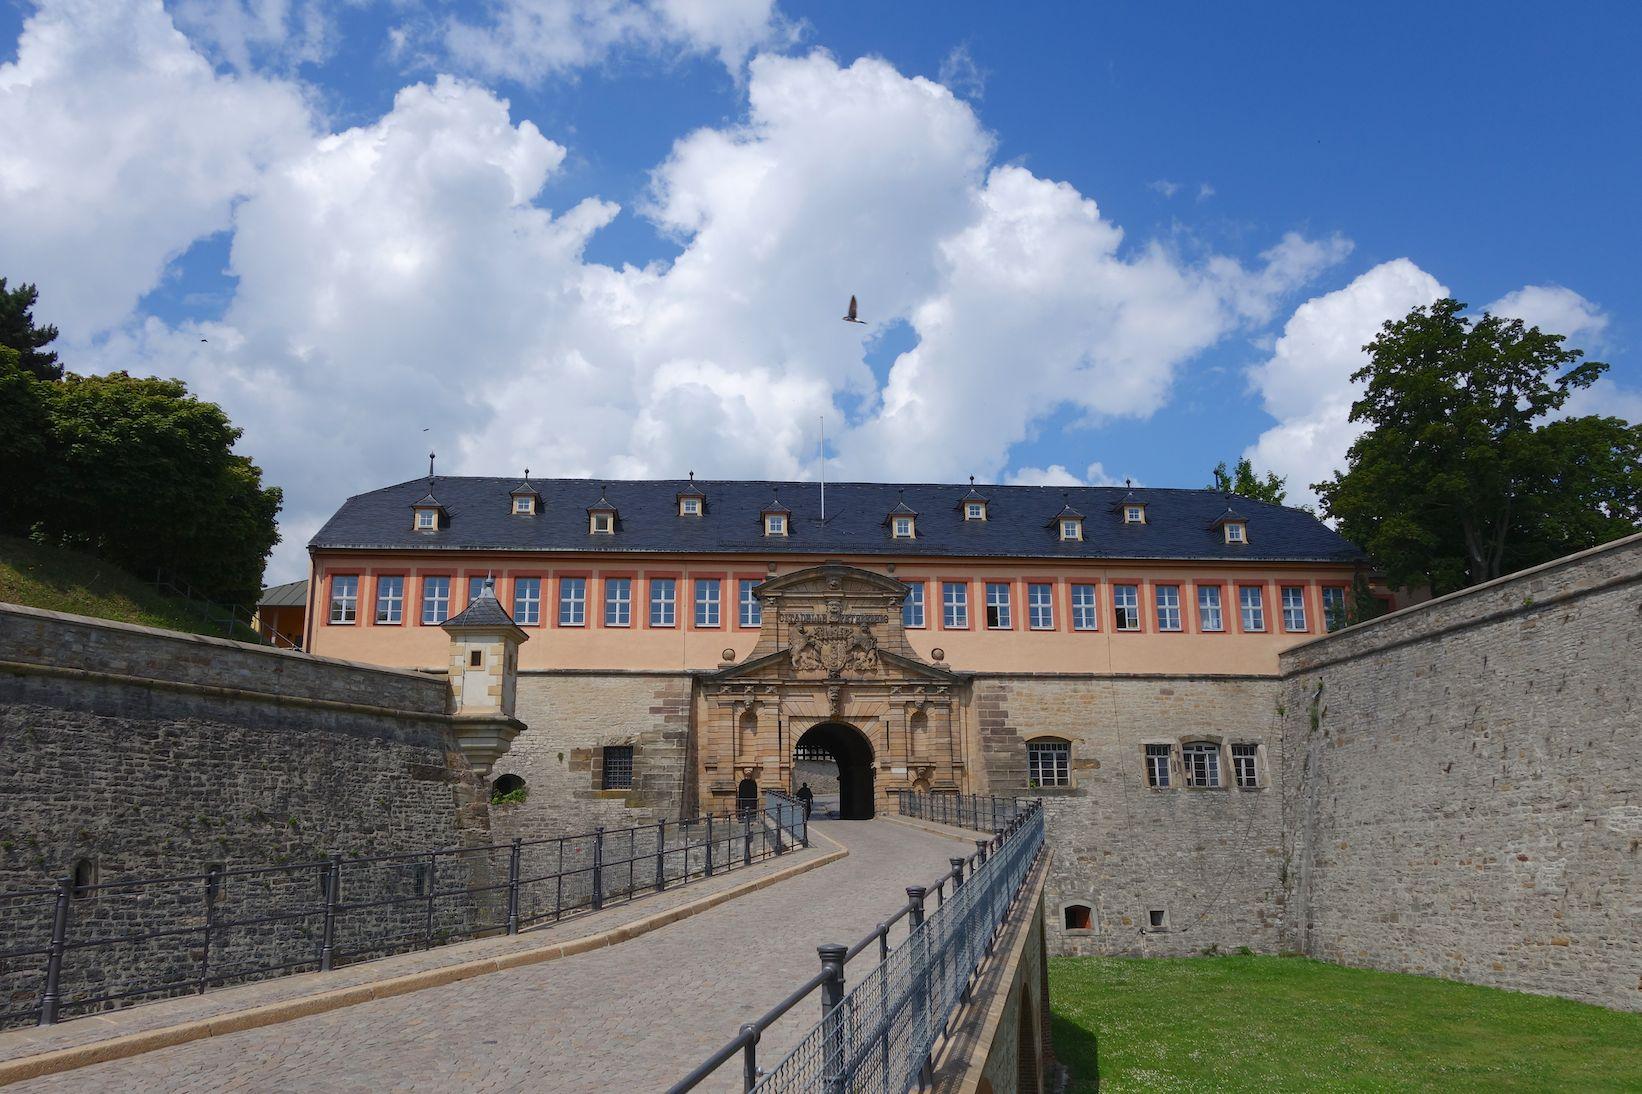 Der Petersberg in Erfurt